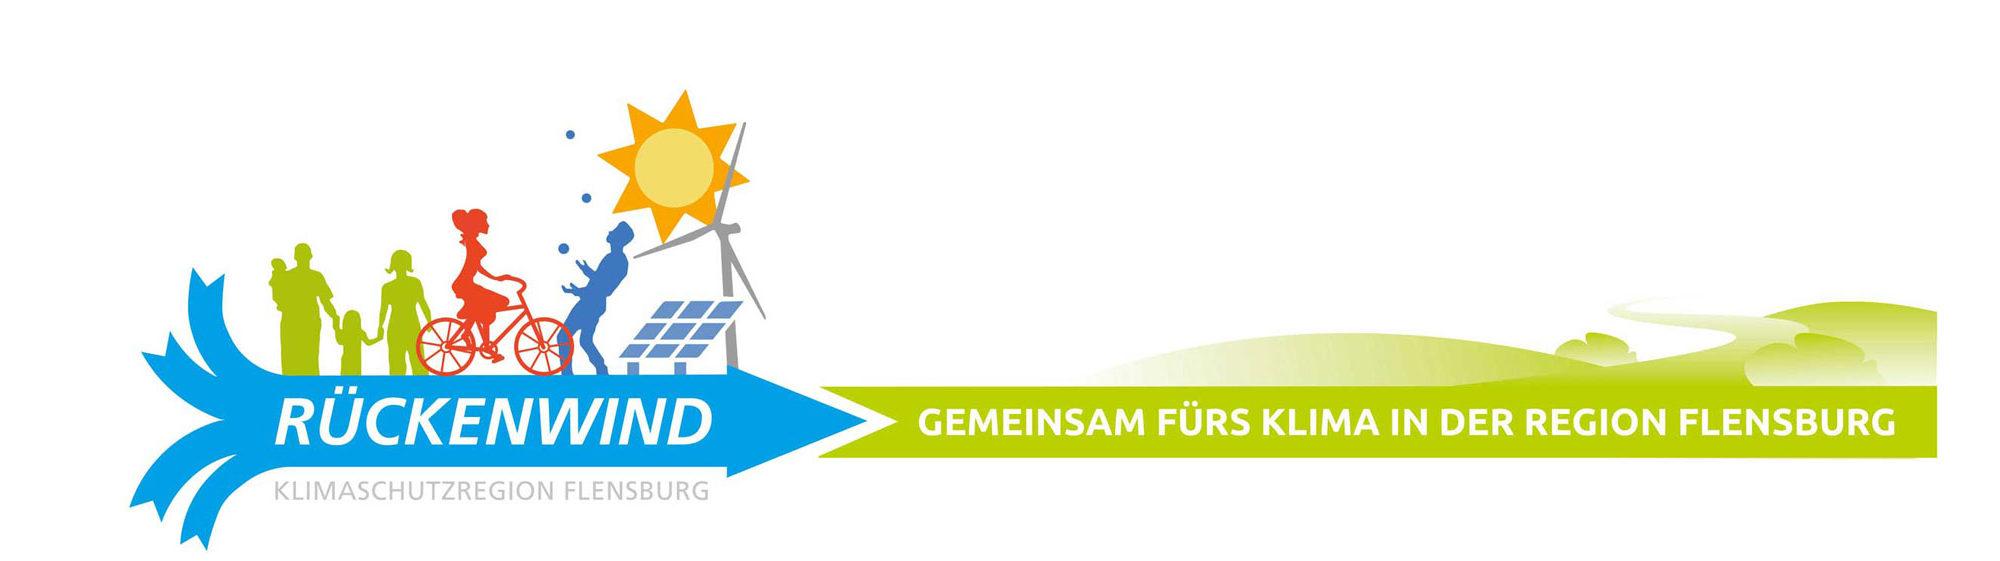 Klimaschutzregion-Flensburg